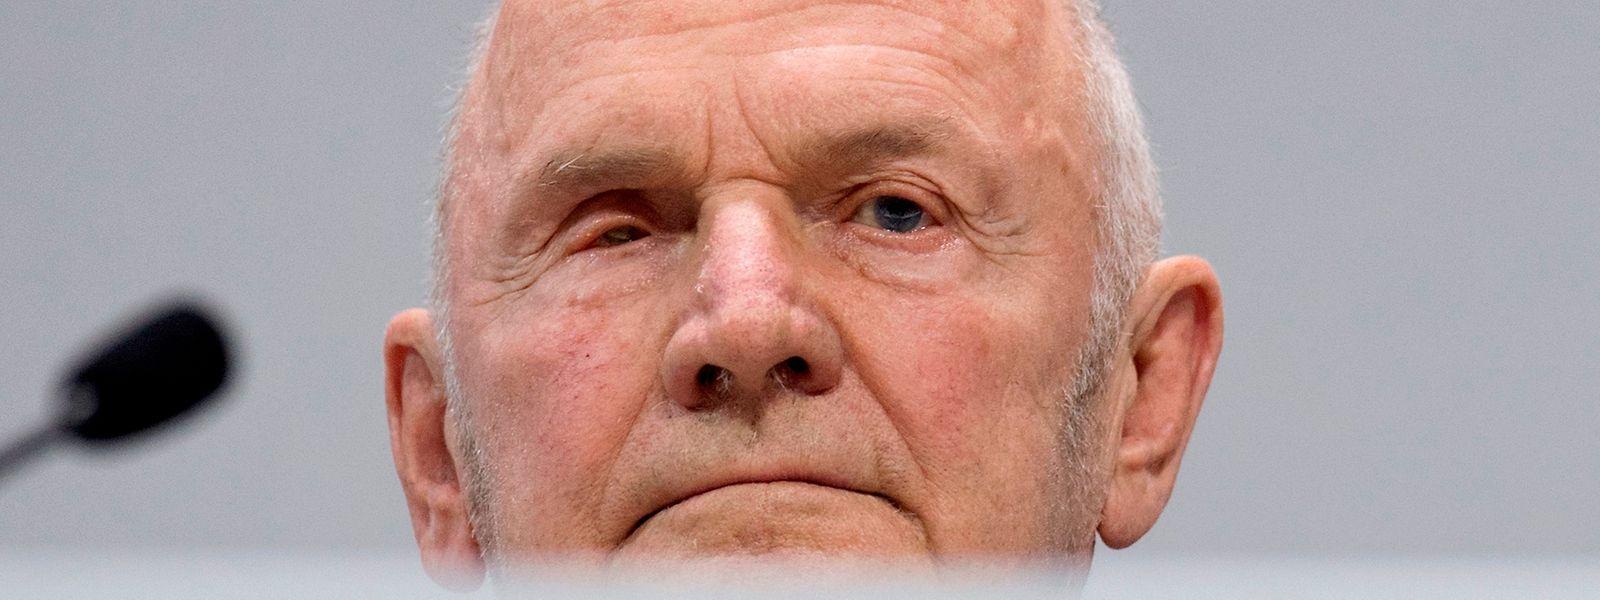 """Ferdinand Pïech était âgé de 82 ans. Il avait dû quitter ses fonctions après le """"dieselgate"""" qui avait frappé le groupe VW."""